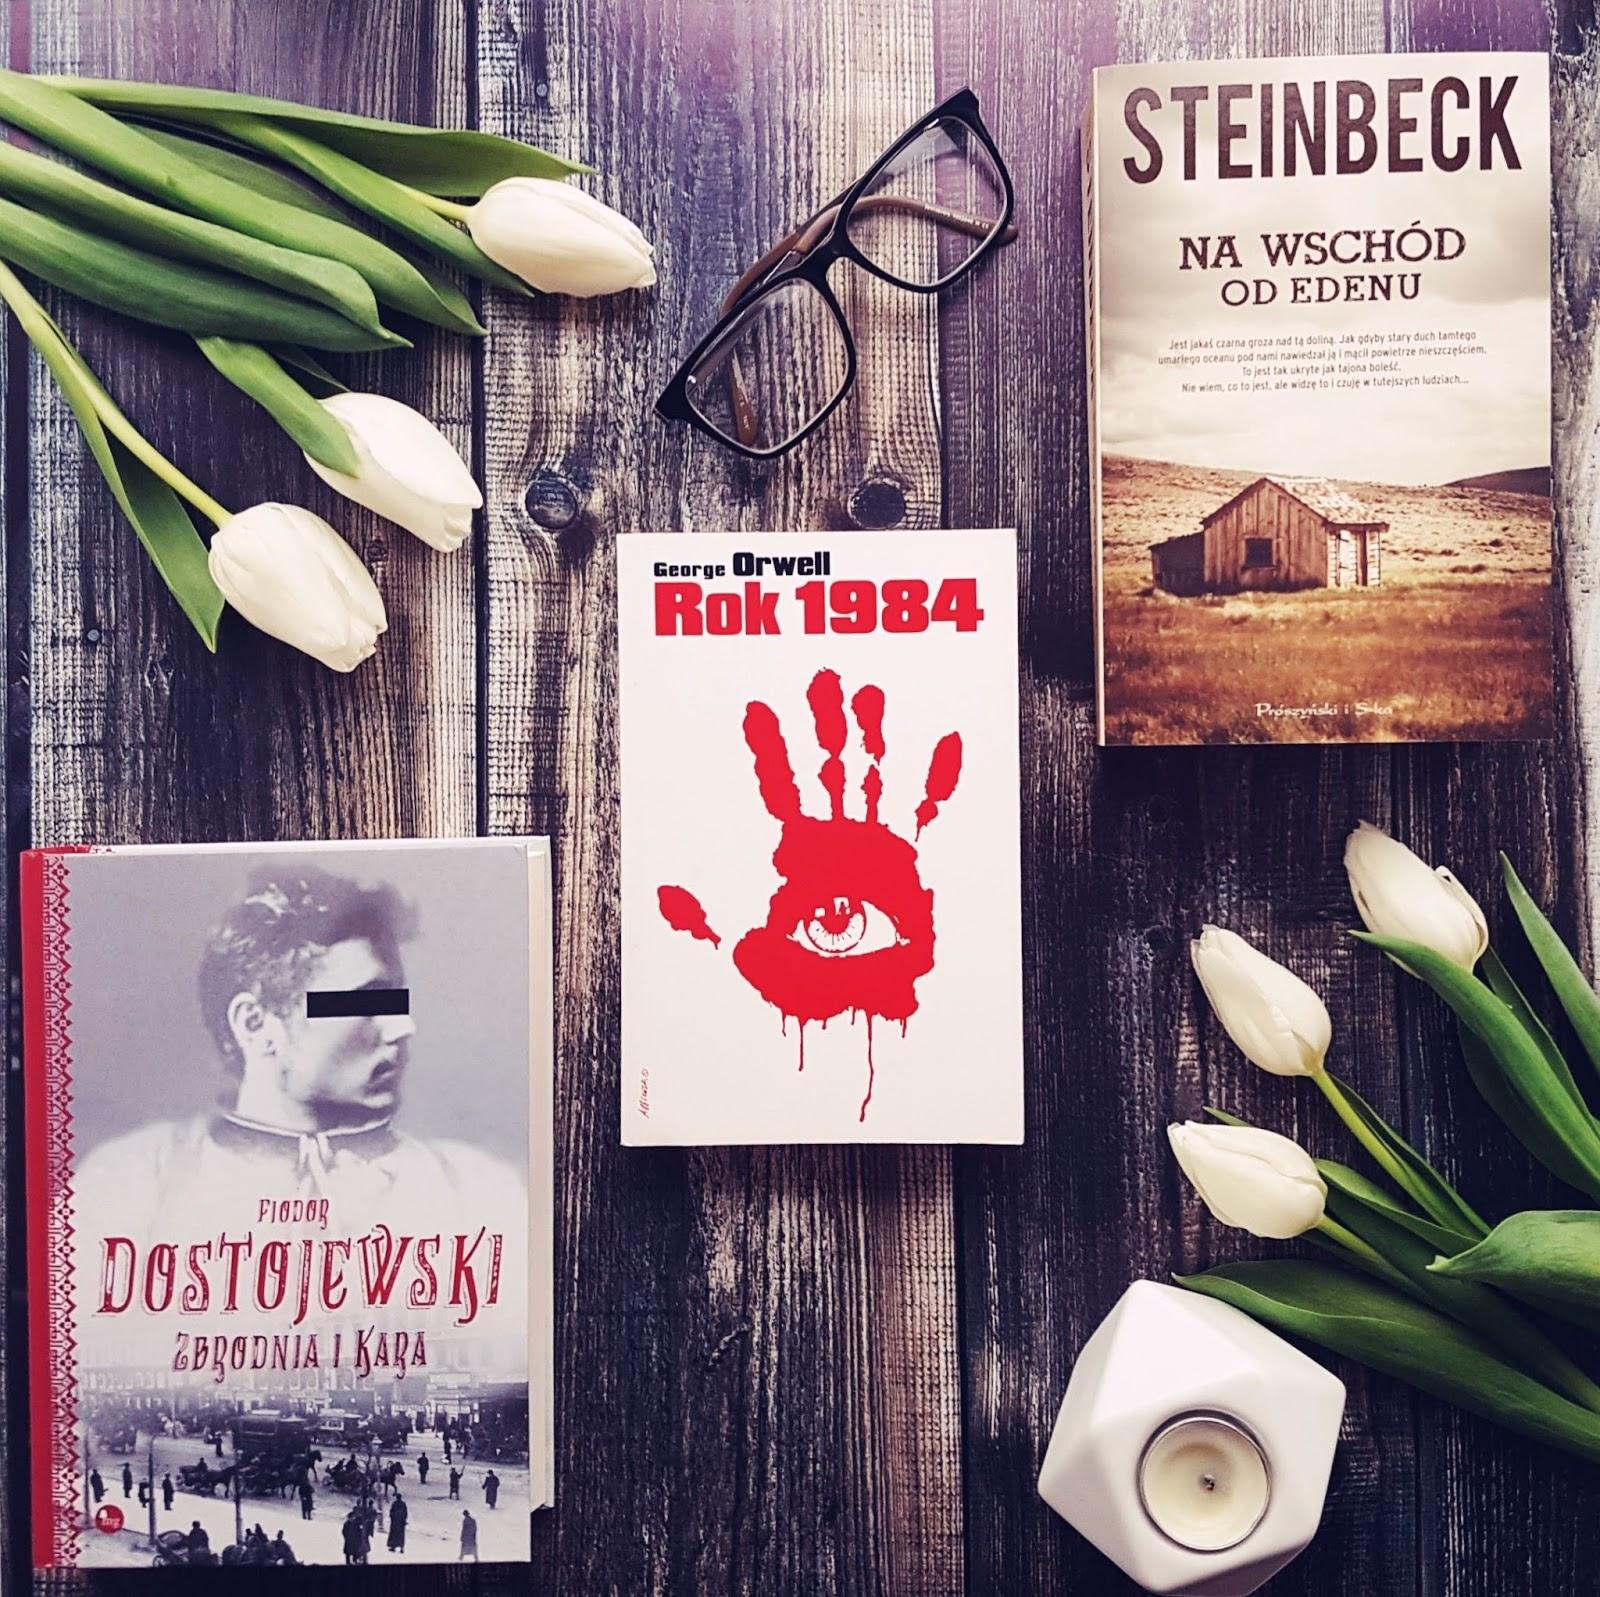 Książki które MUSZĘ przeczytać w 2018 roku